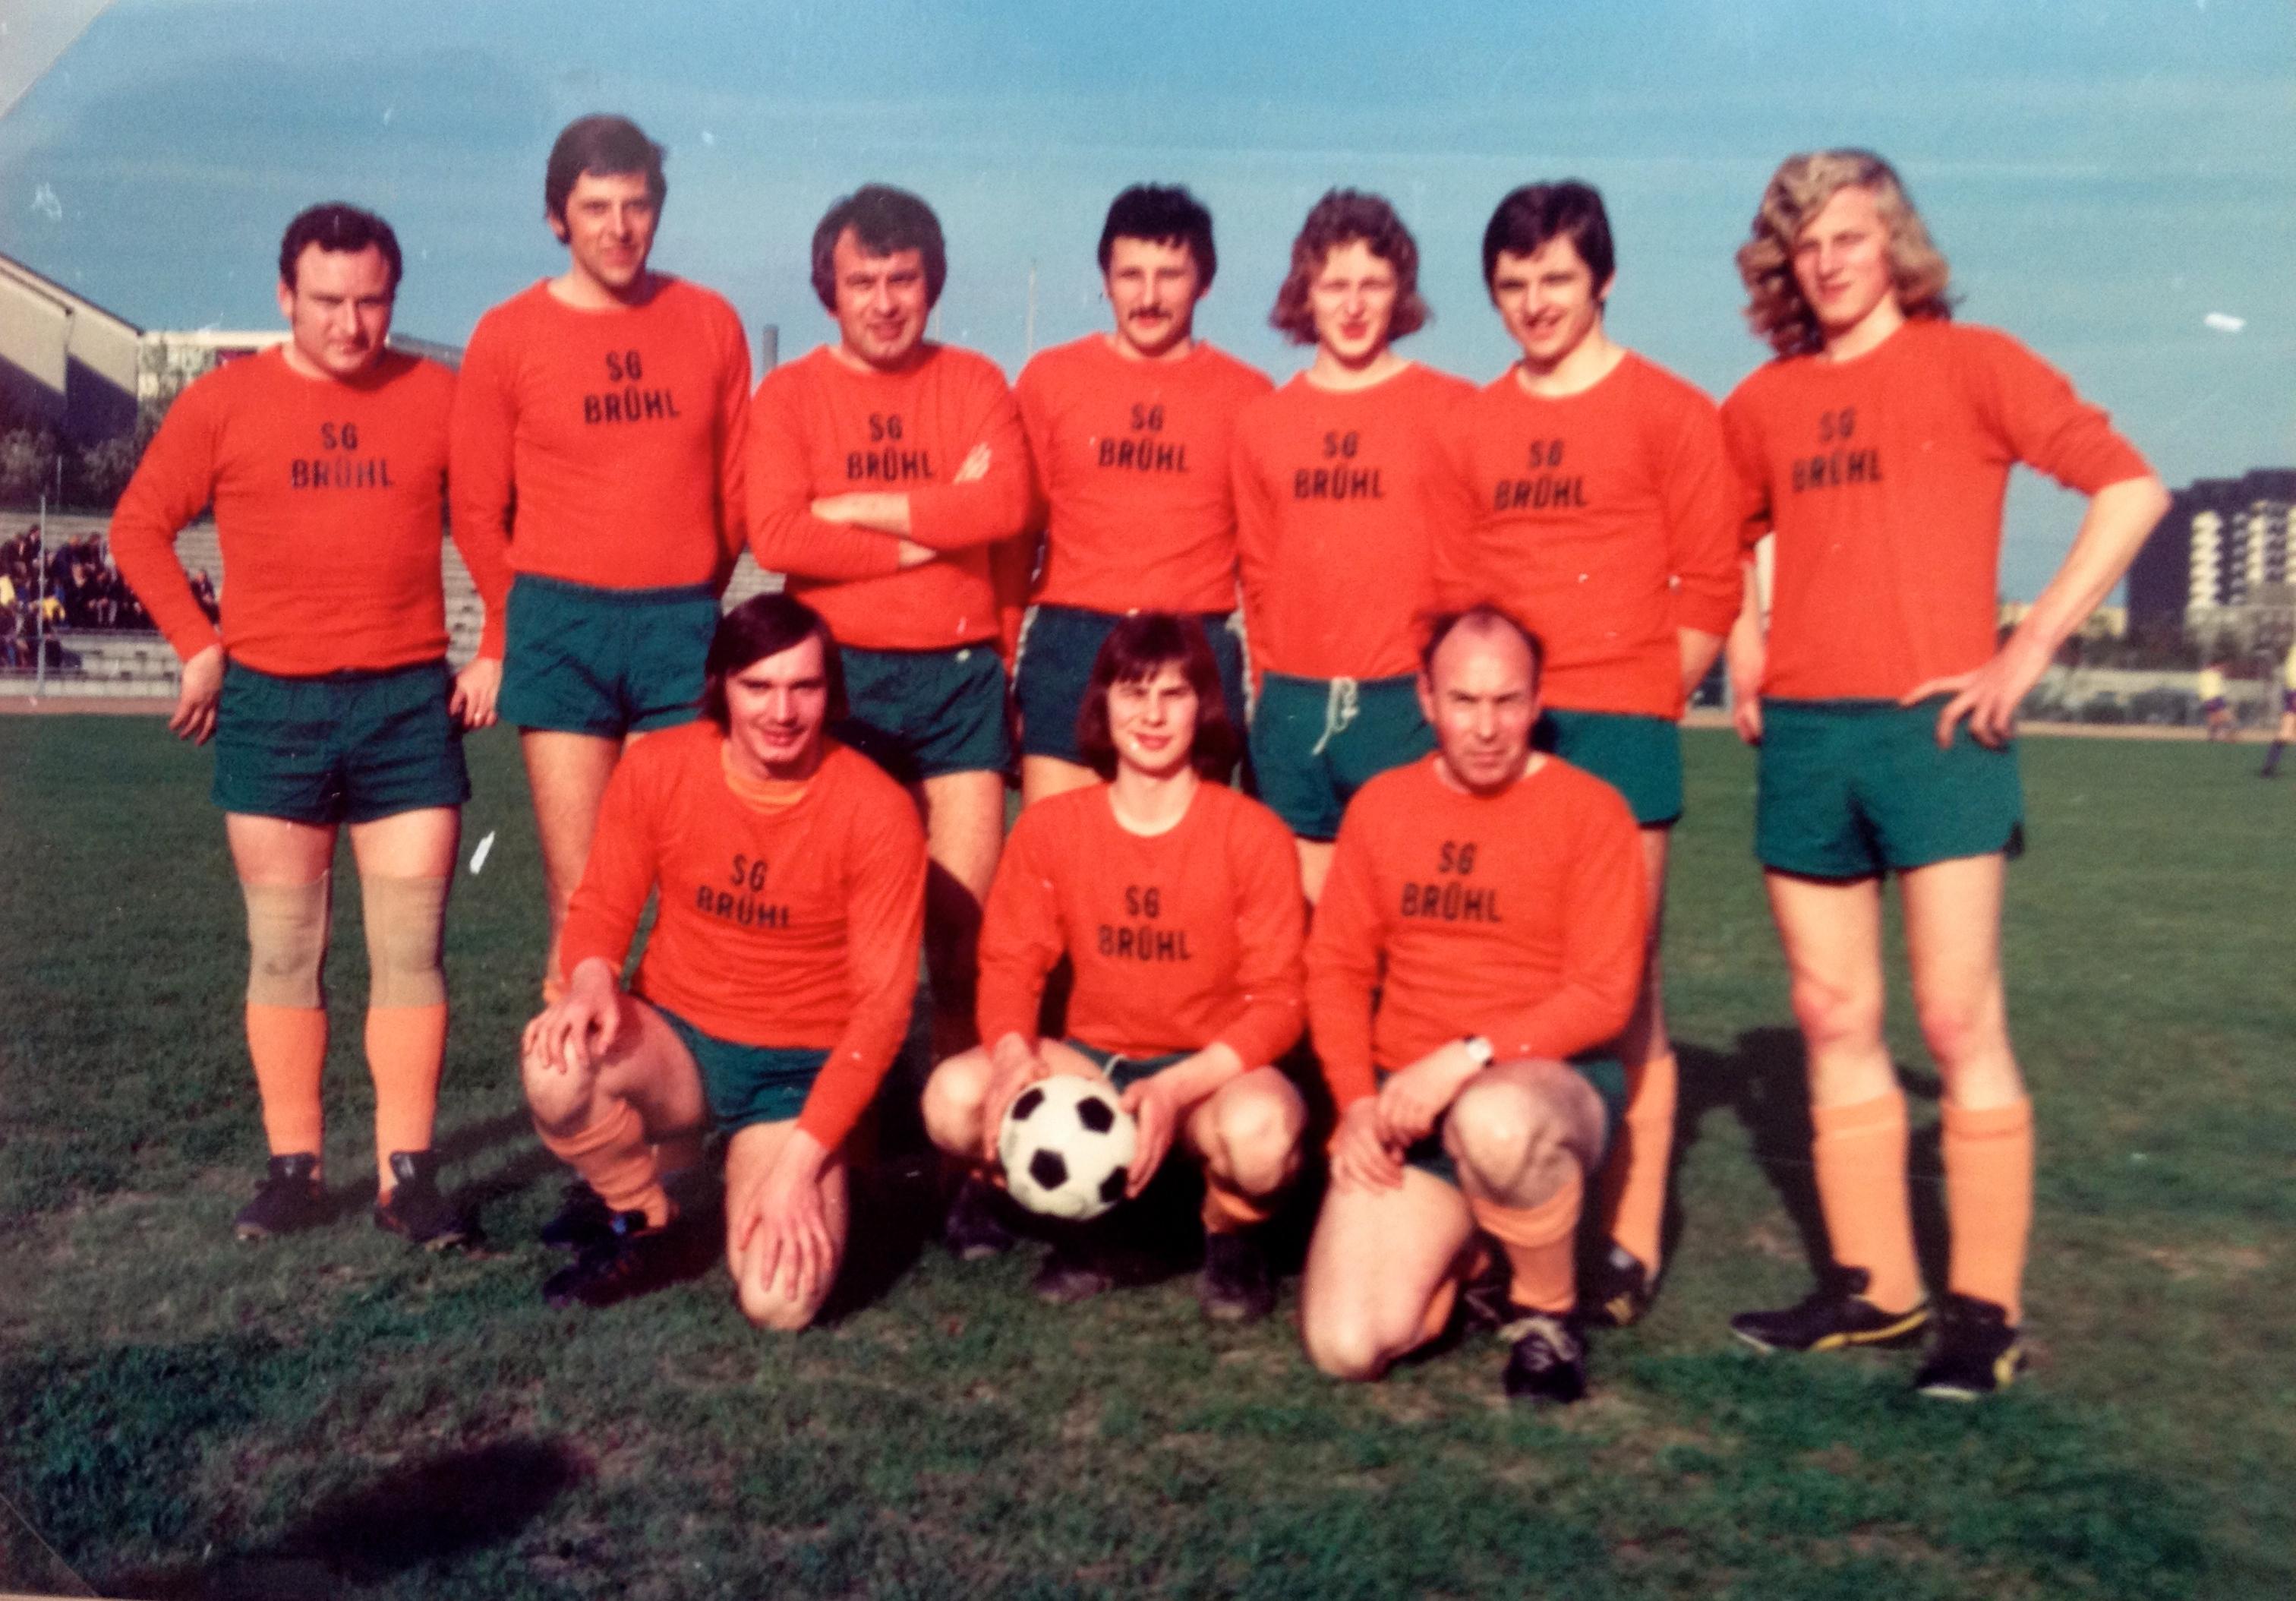 Brühl Mannschaft (Czech Unten Rechts)